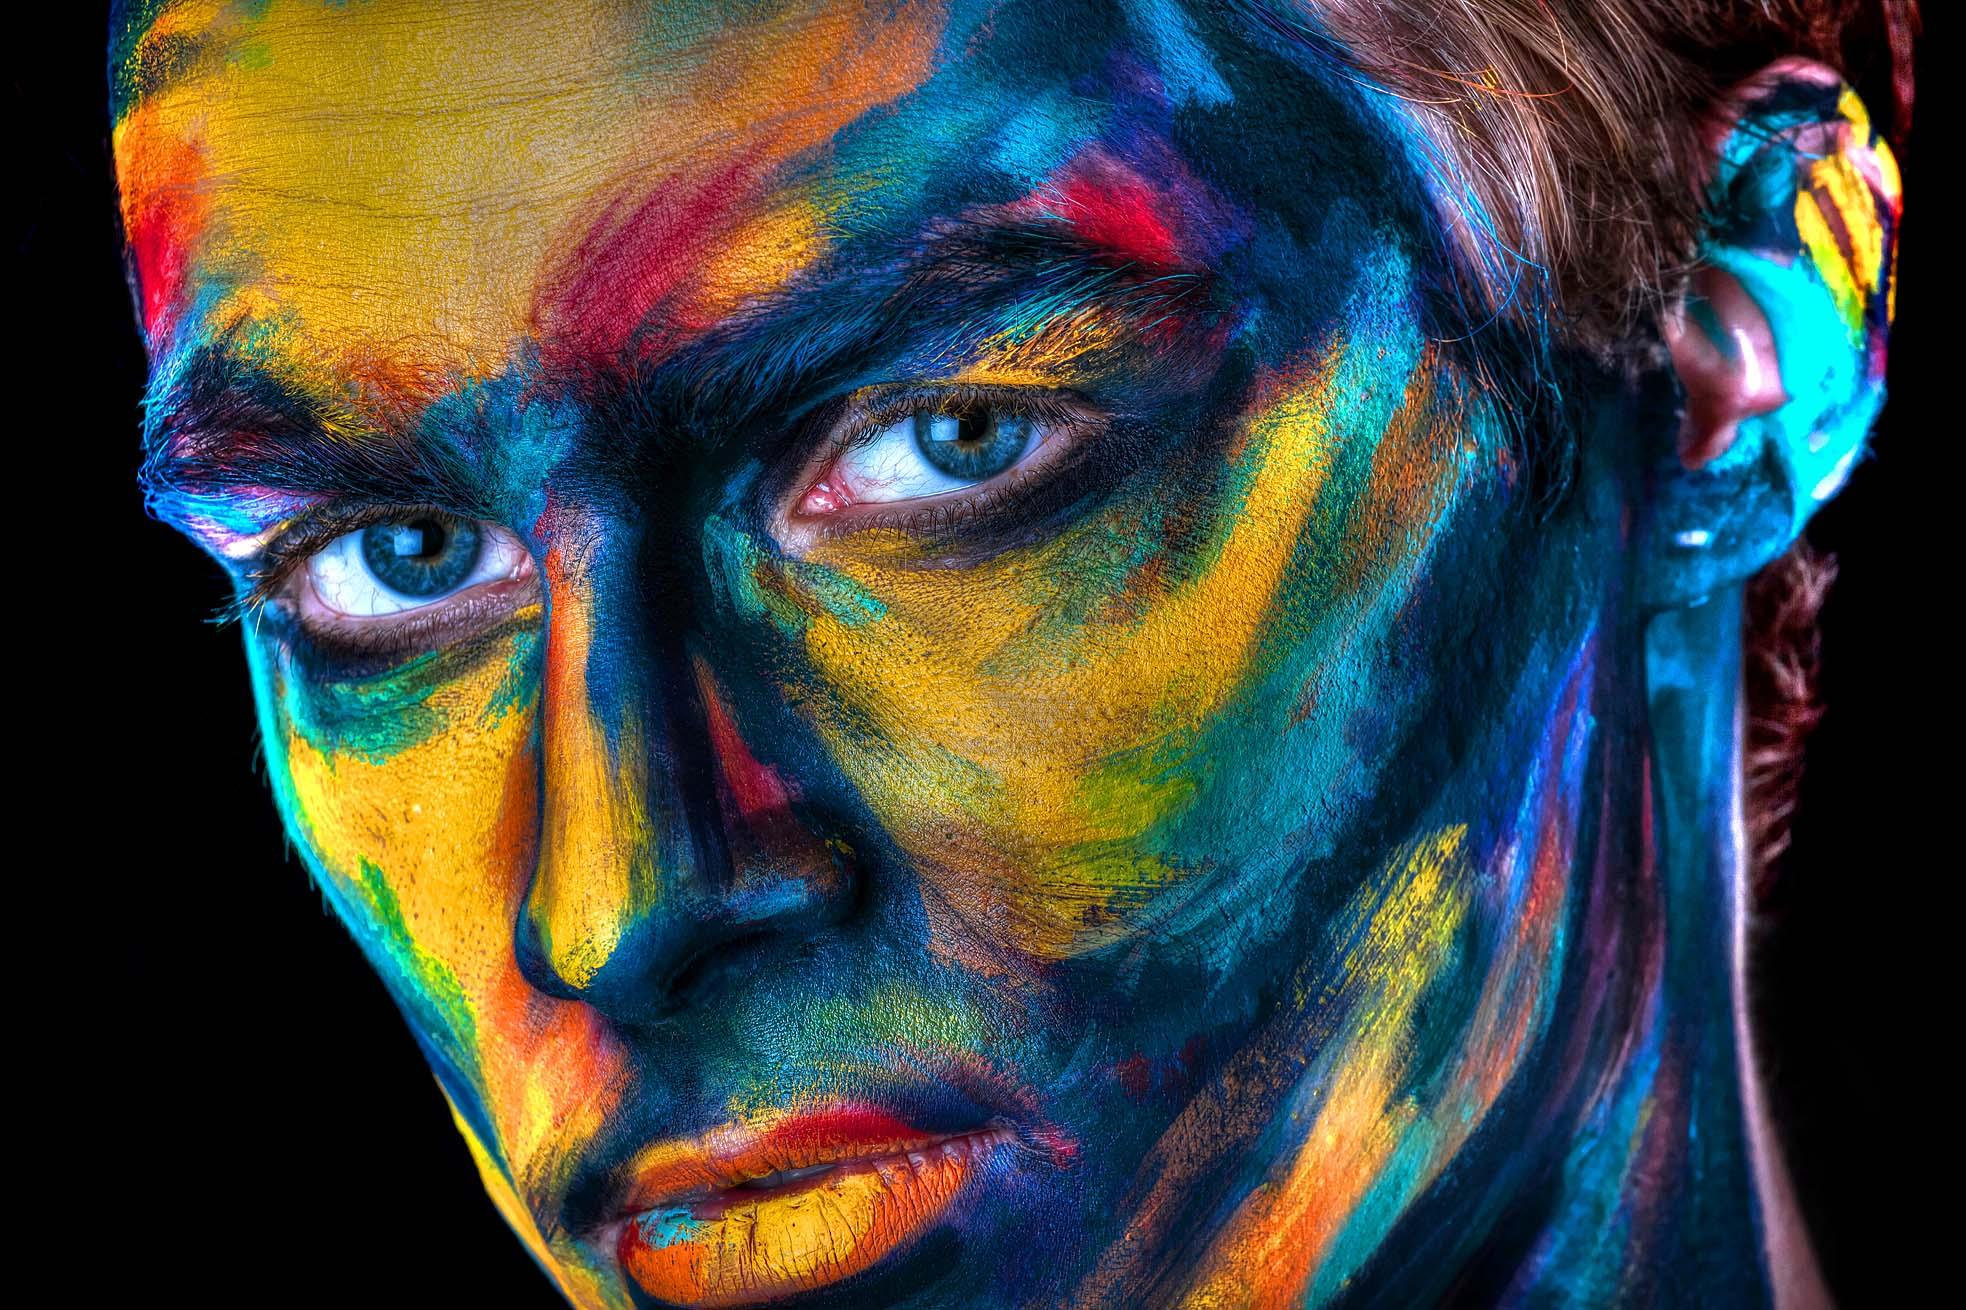 Caleb face paintjpg.jpg